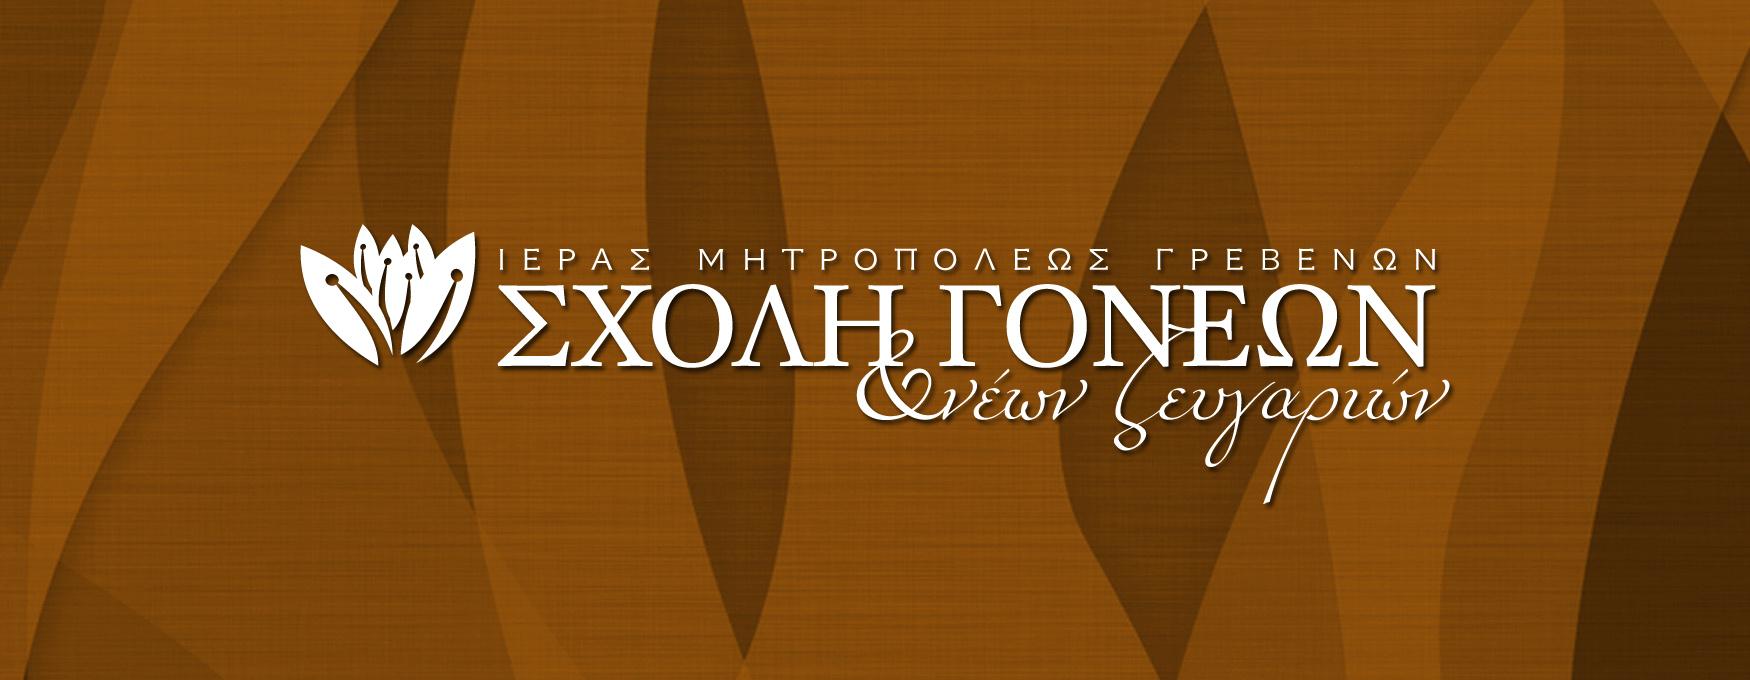 sxoli_goneon_logo